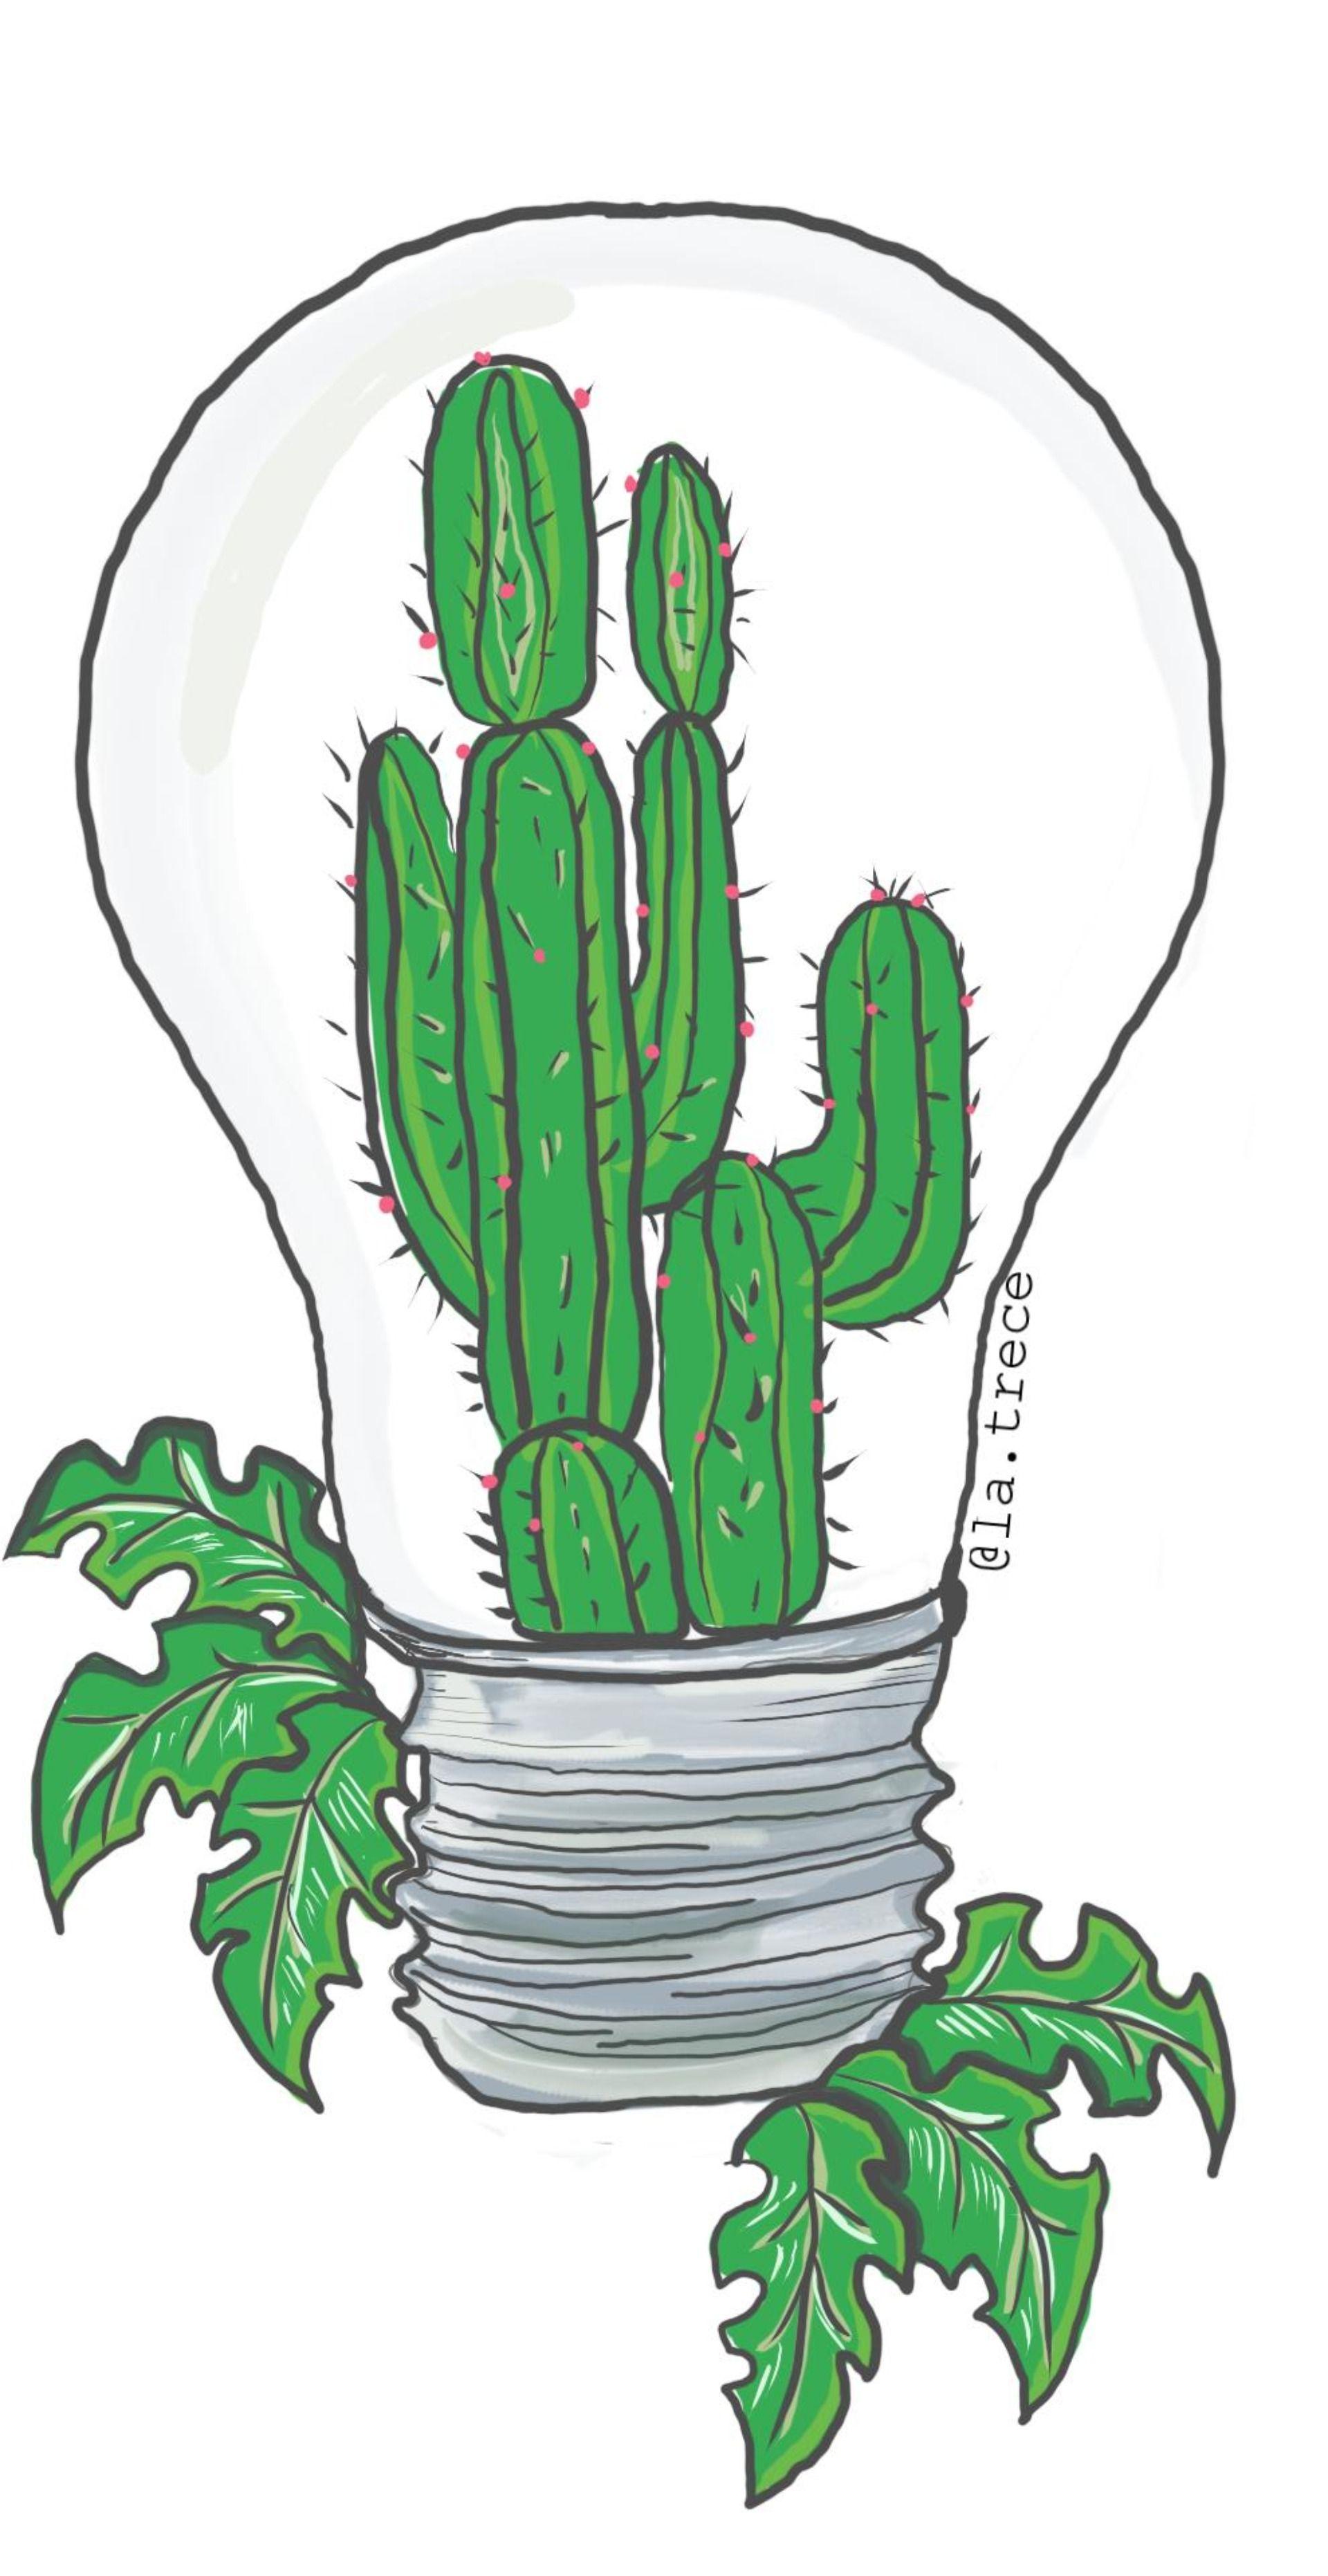 Natural Focos Dibujos Ilustracion Tumblr Imagenes De Focos